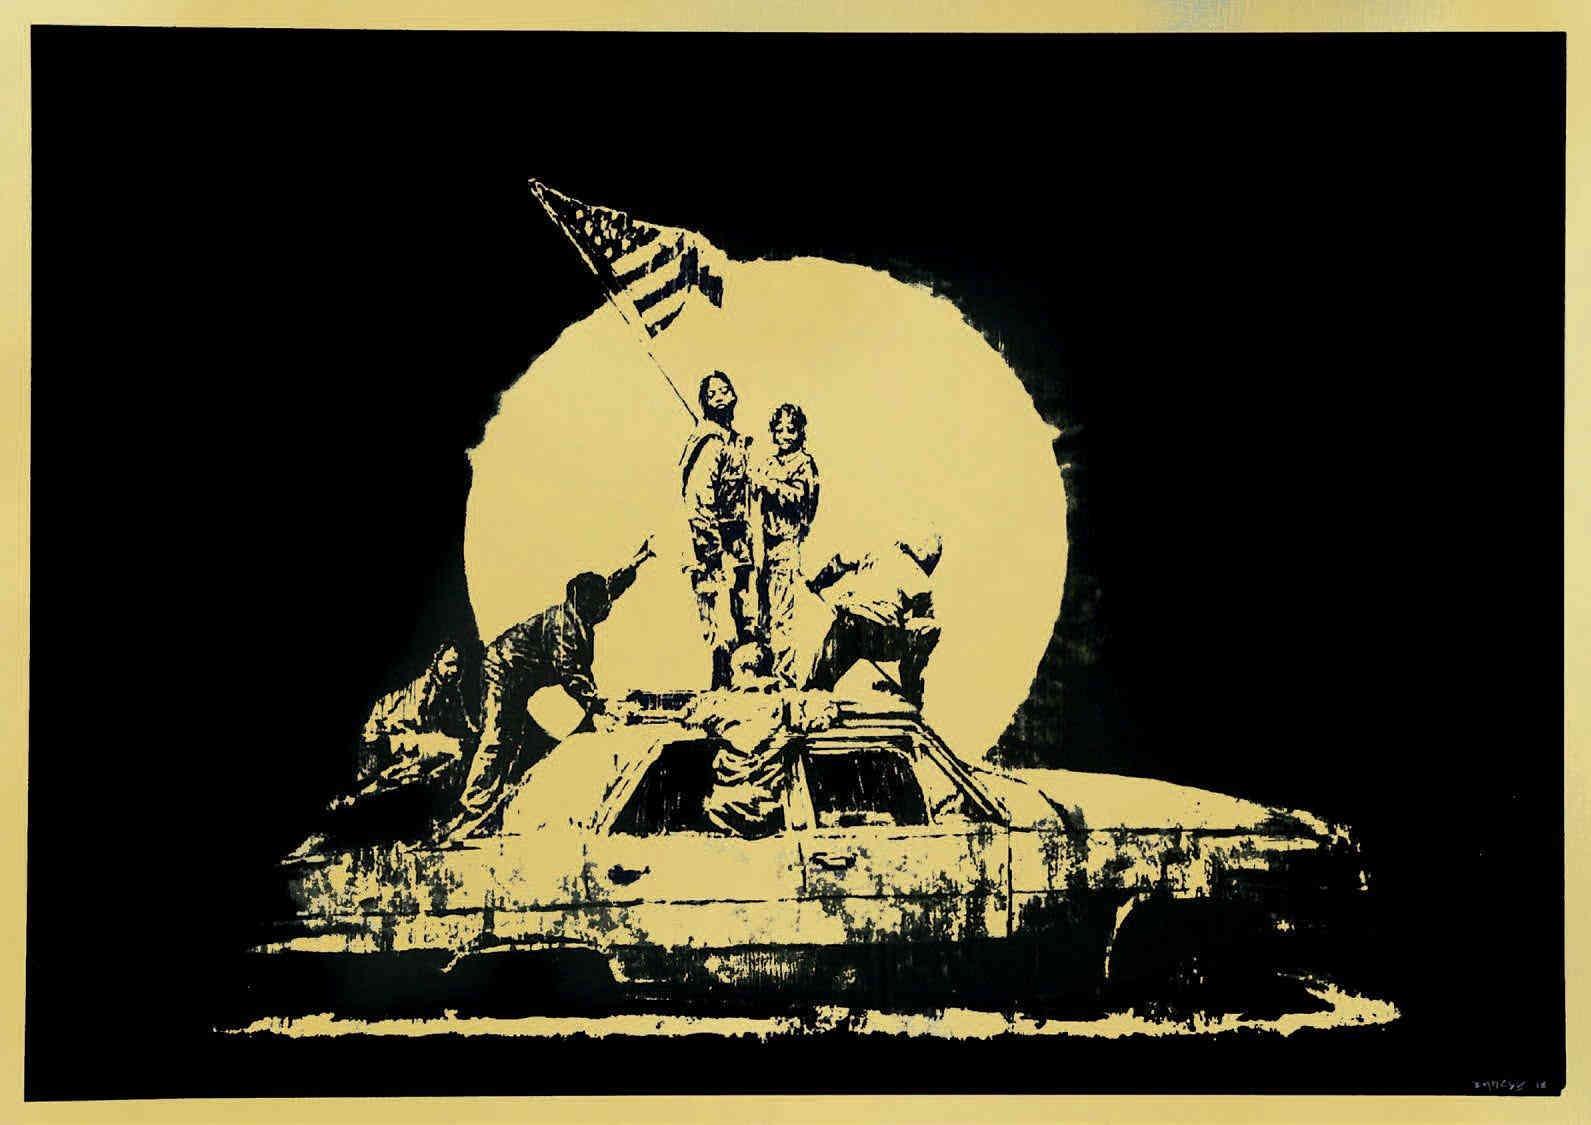 Banksy-Formica Flag, Gold-2007